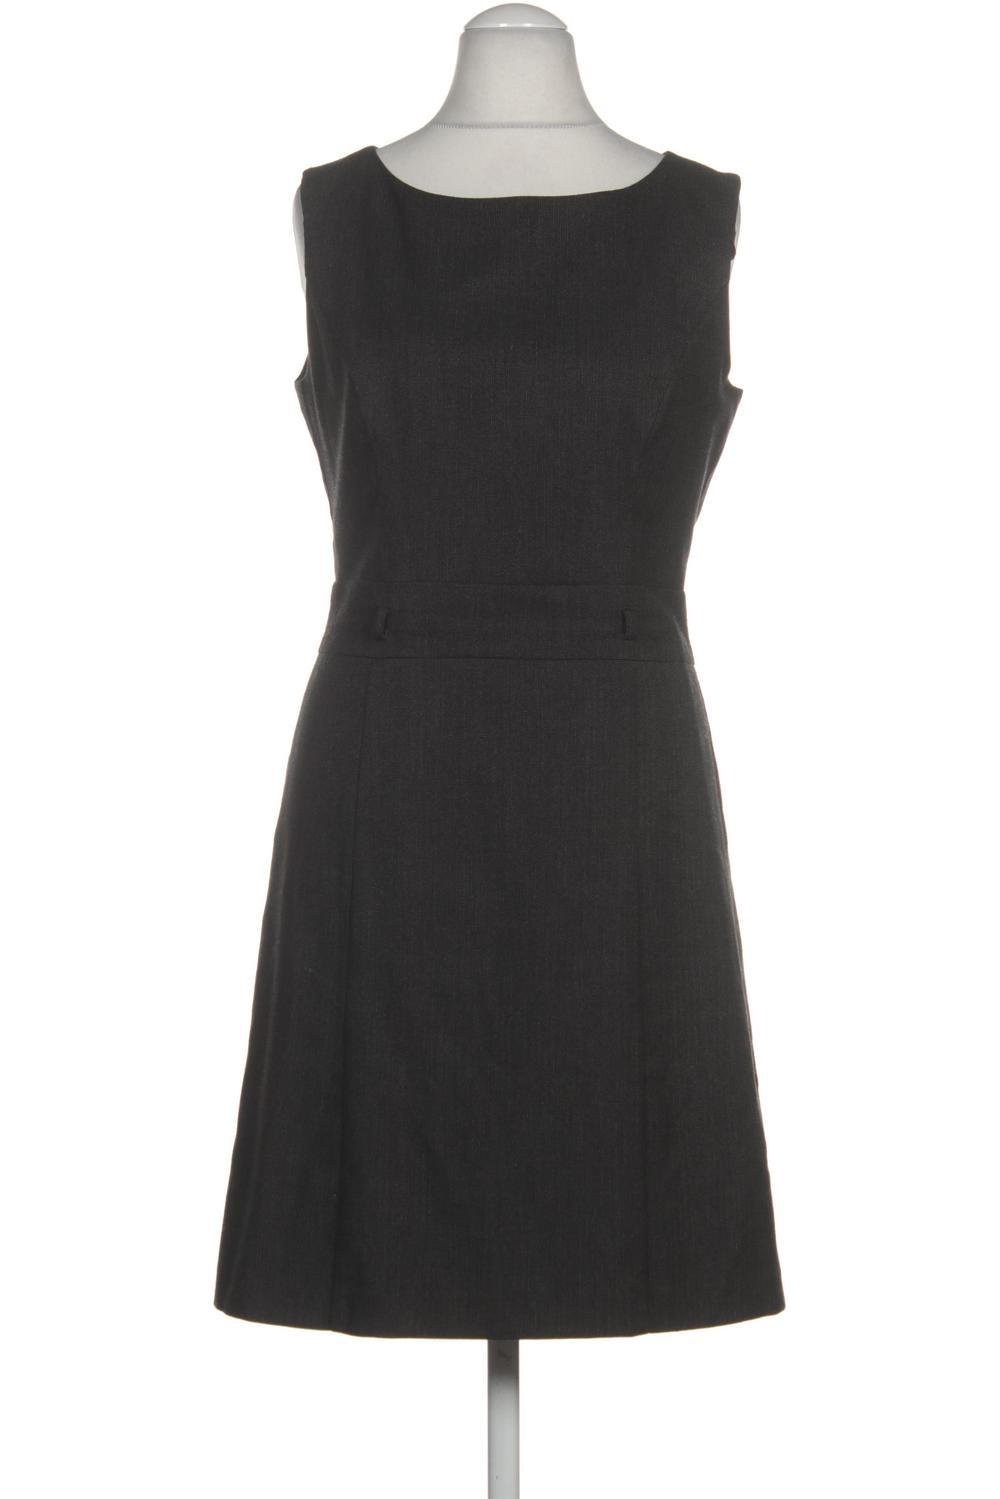 s.Oliver Damen Kleid DE 18 Second Hand kaufen  ubup